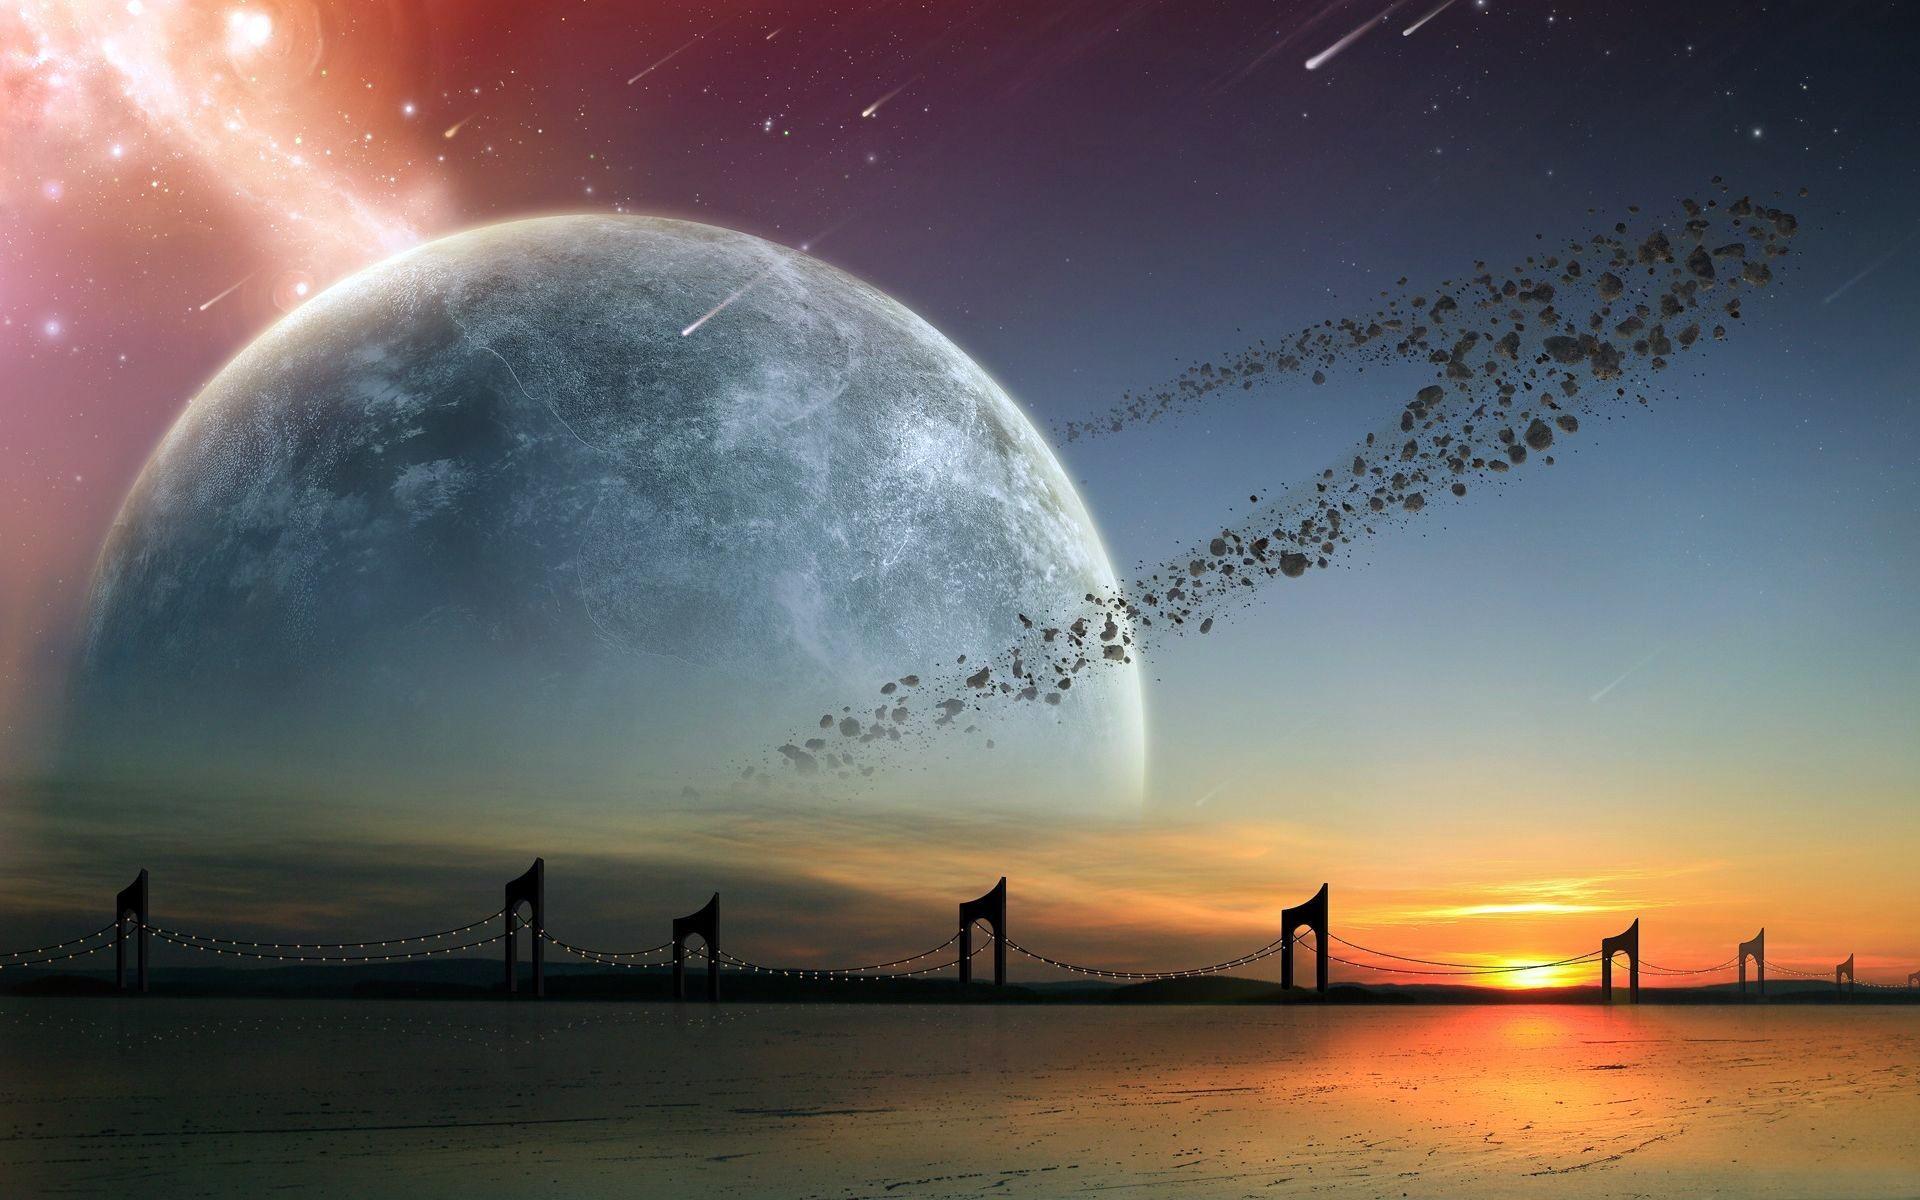 Planet Stars Asteroids Bridge Alien Landscape wallpaper | .